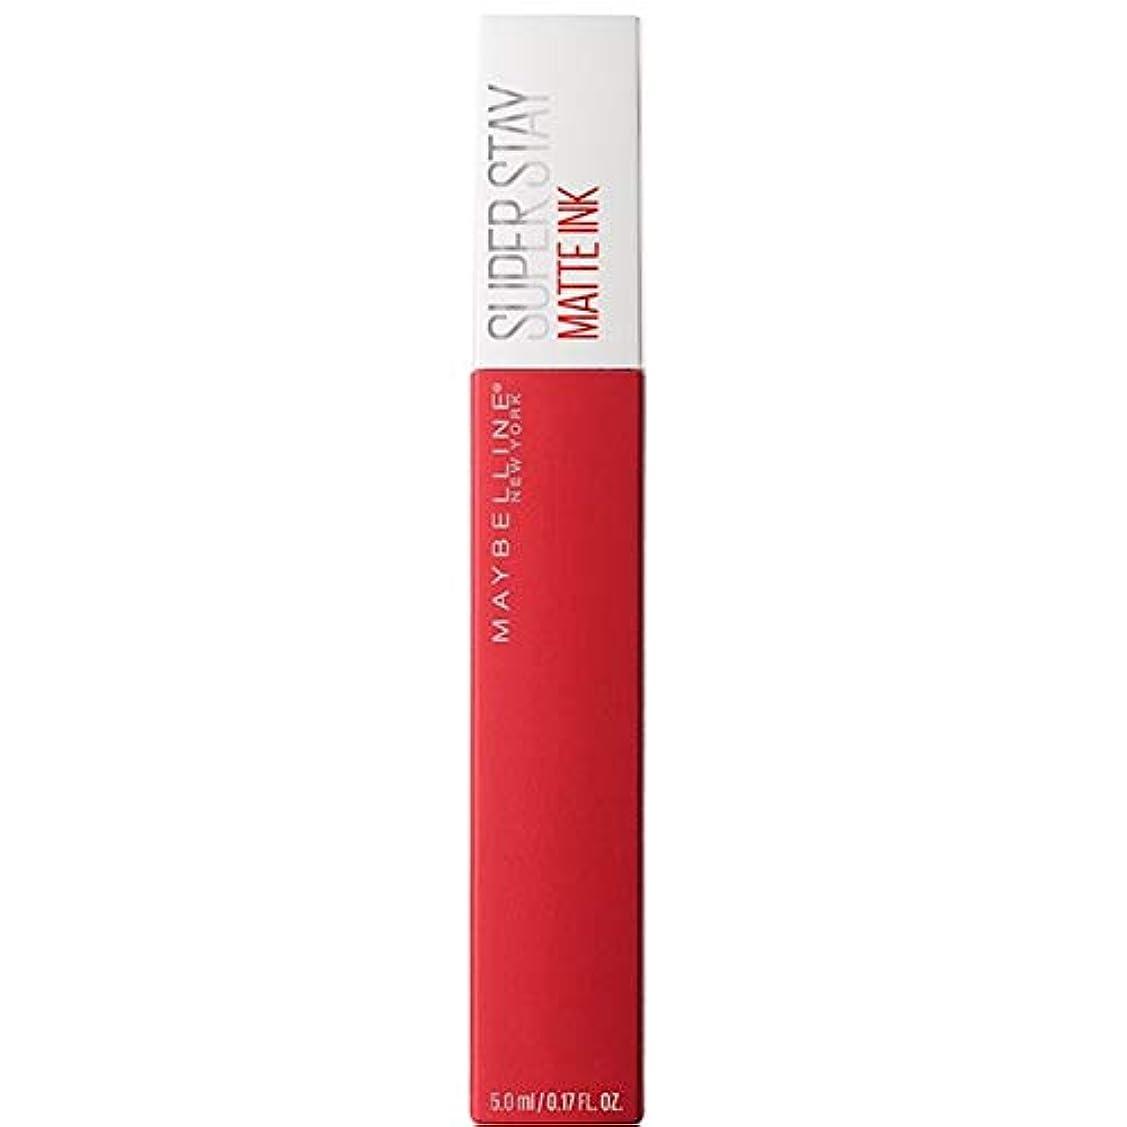 ウェブインタネットを見るみなさん[Maybelline ] メイベリンSuperstayマットインク液20パイオニア - Maybelline Superstay Matte Ink Liquid 20 Pioneer [並行輸入品]